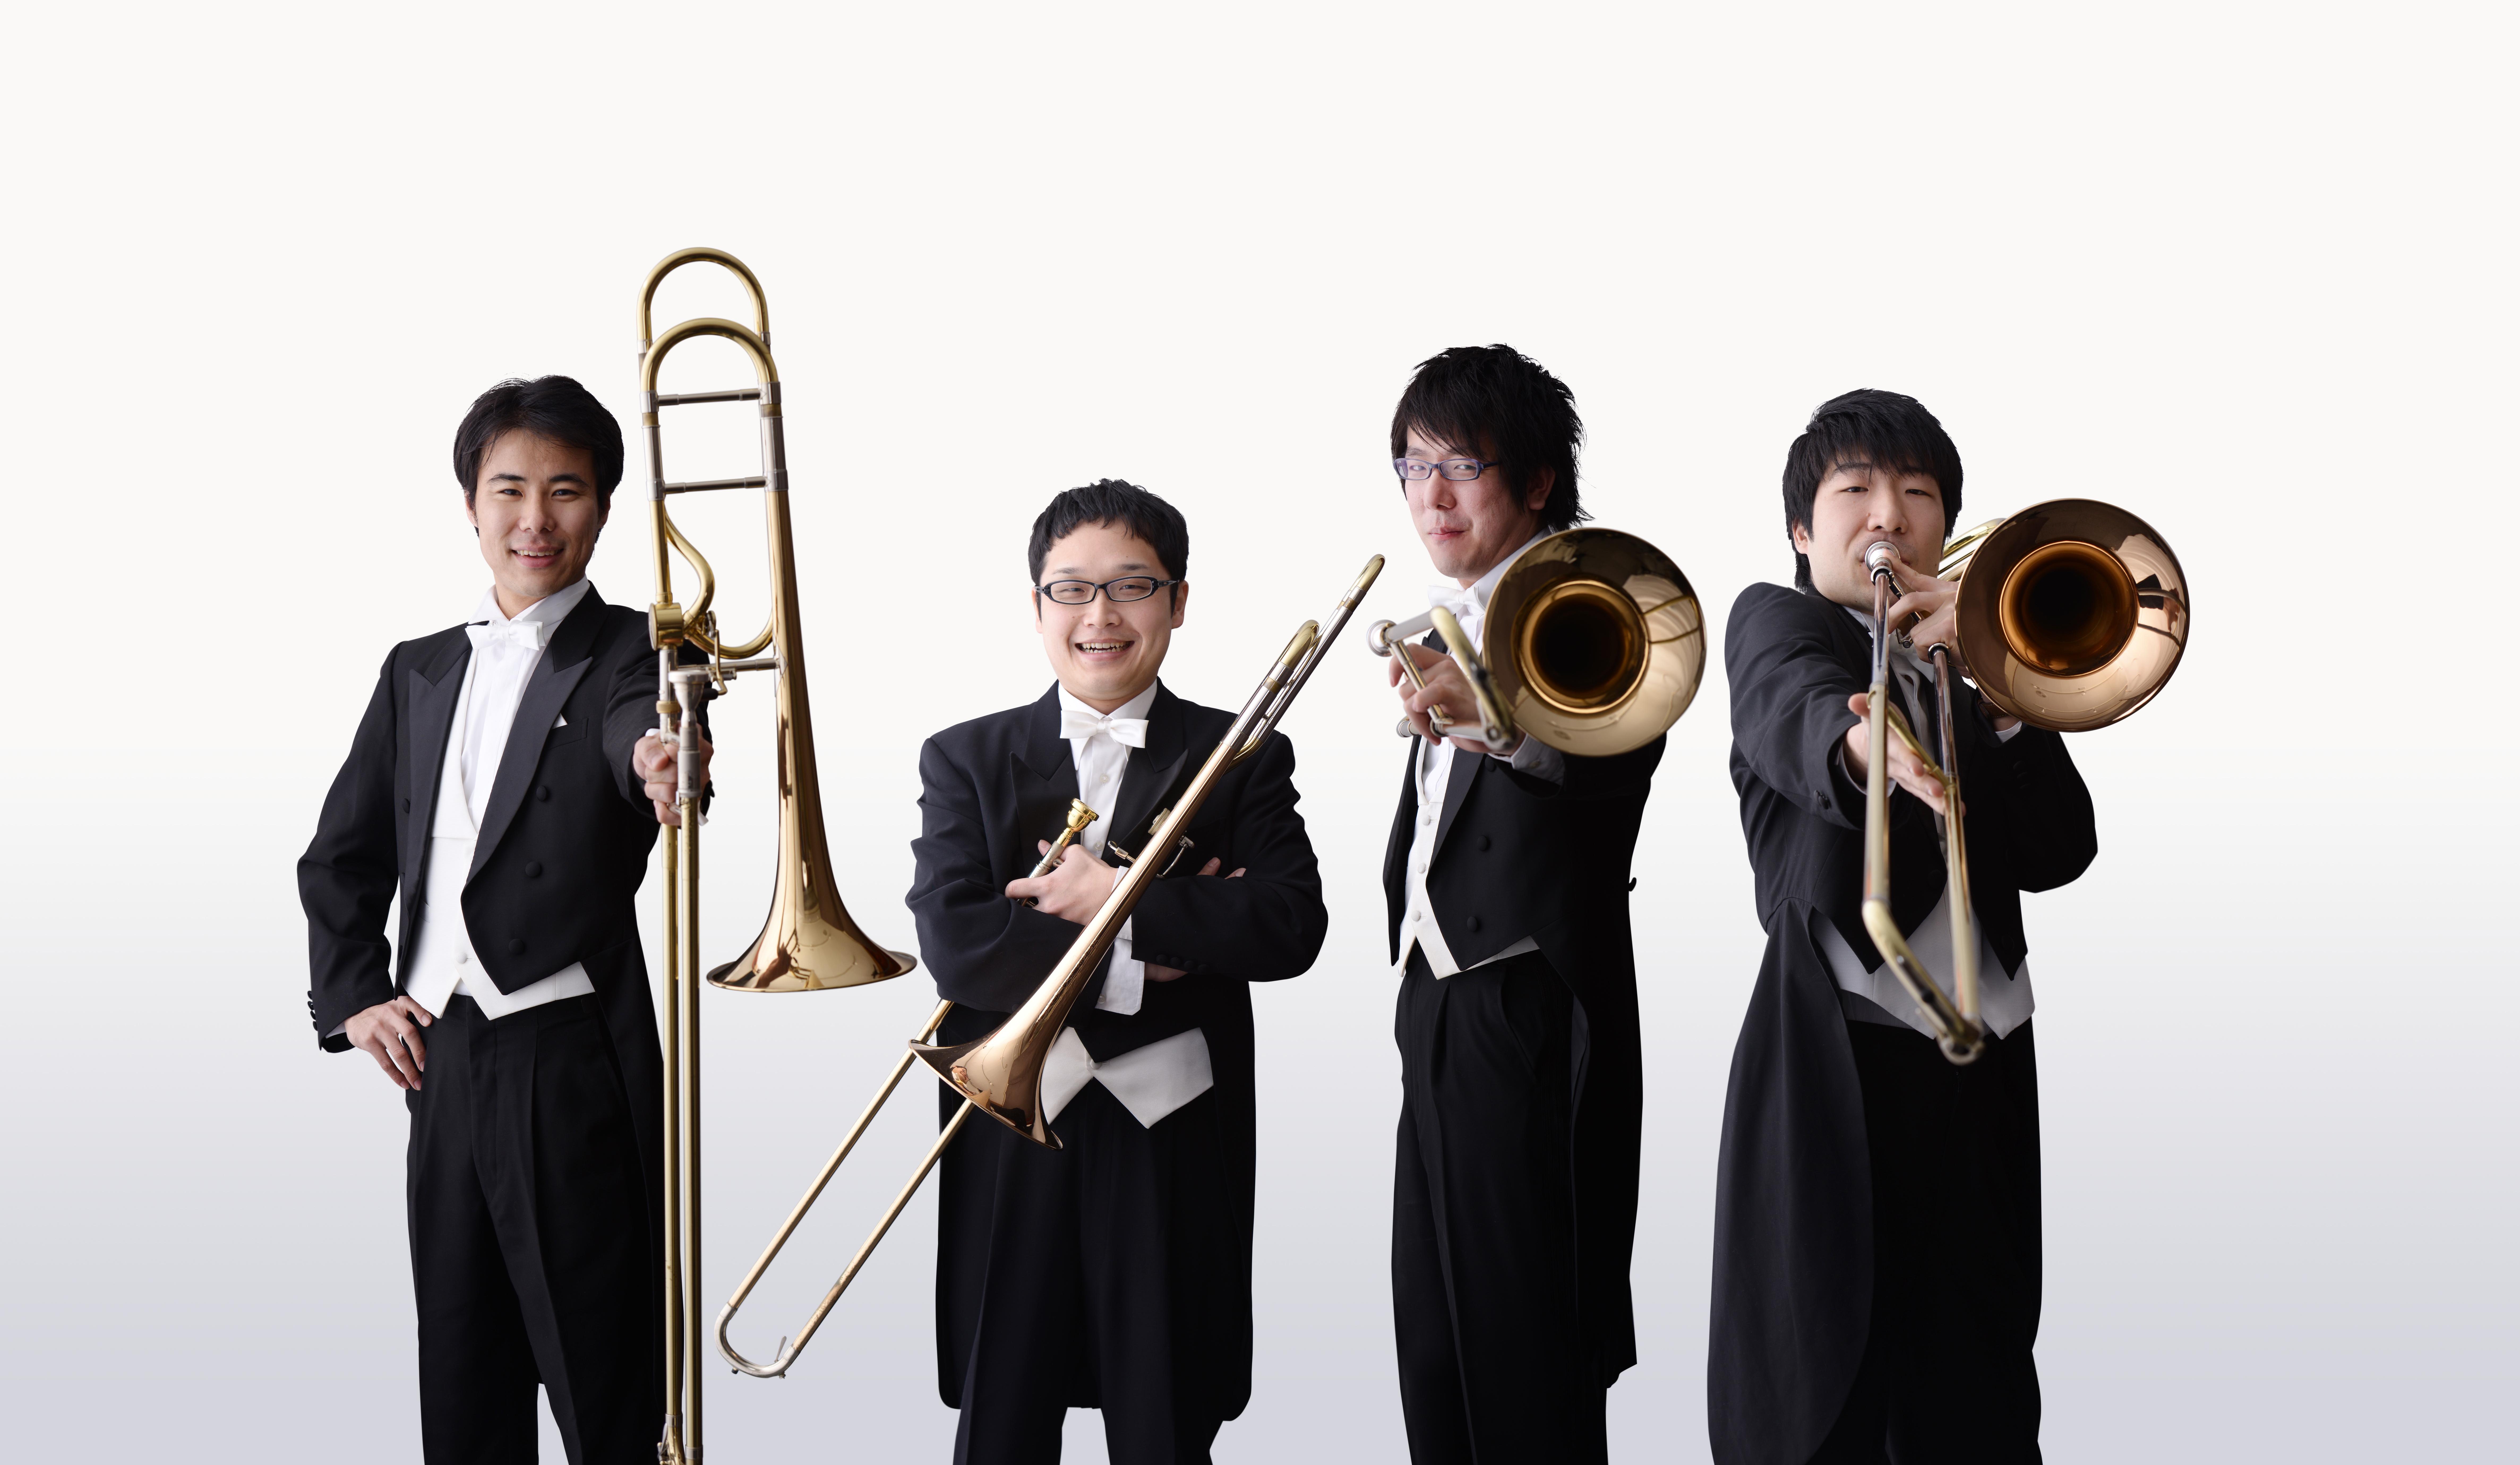 Twilight Trombone Quartetトワイライト・トロンボーン・カルテット